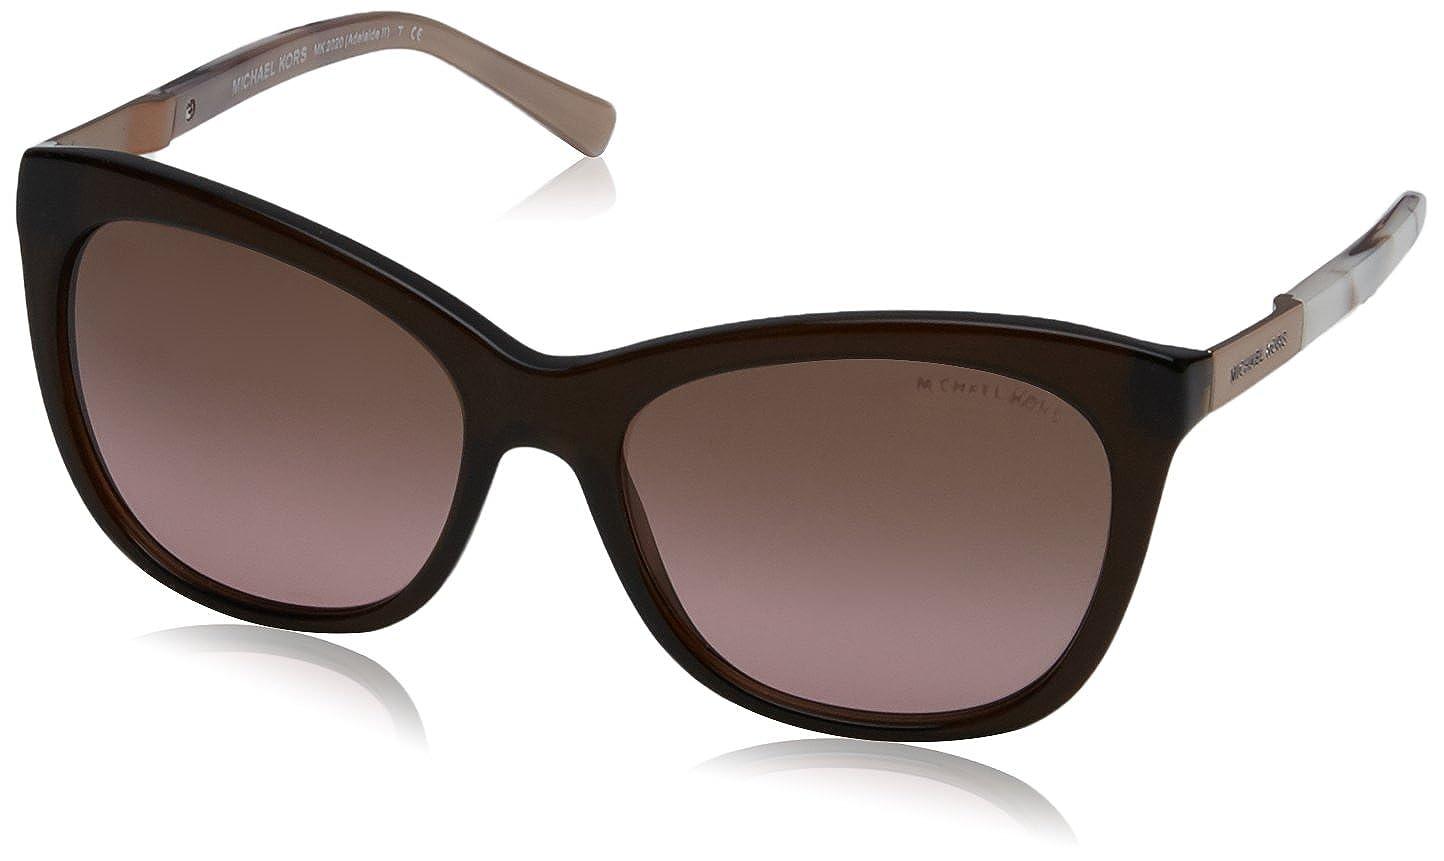 Michael Kors Sonnenbrille ADELAIDE II (MK2020)